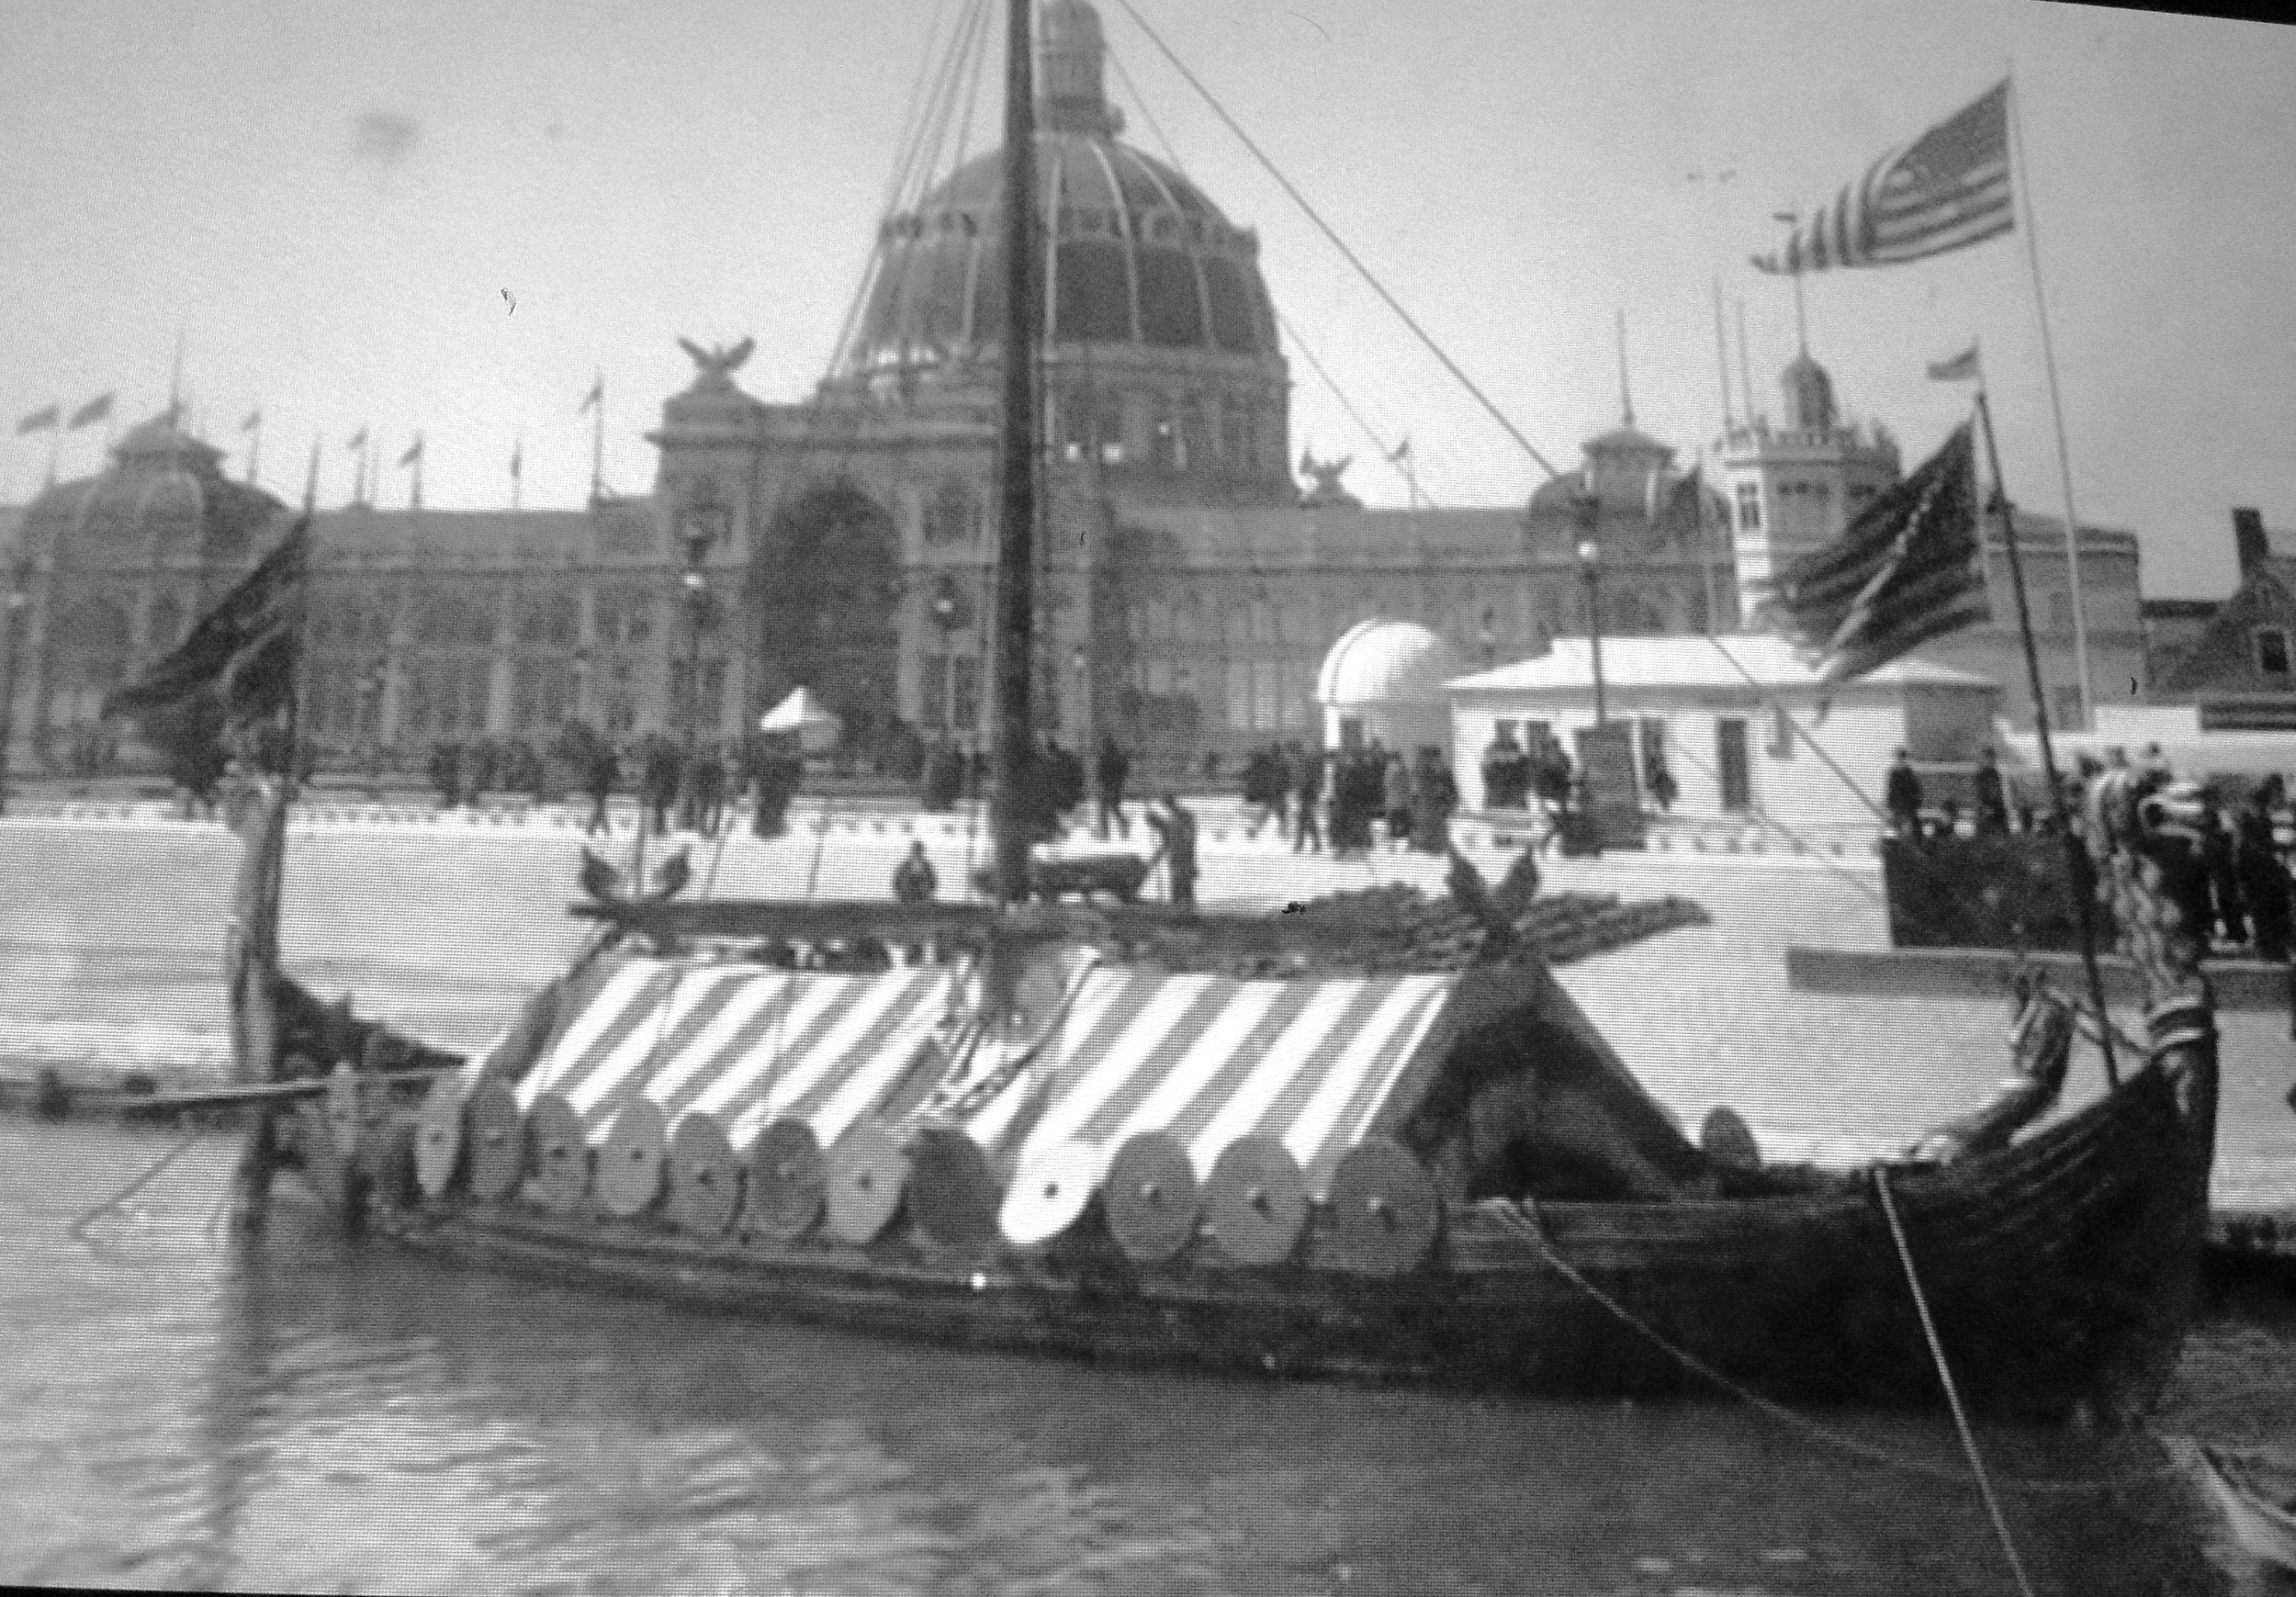 Viking ship at the World's Fair.